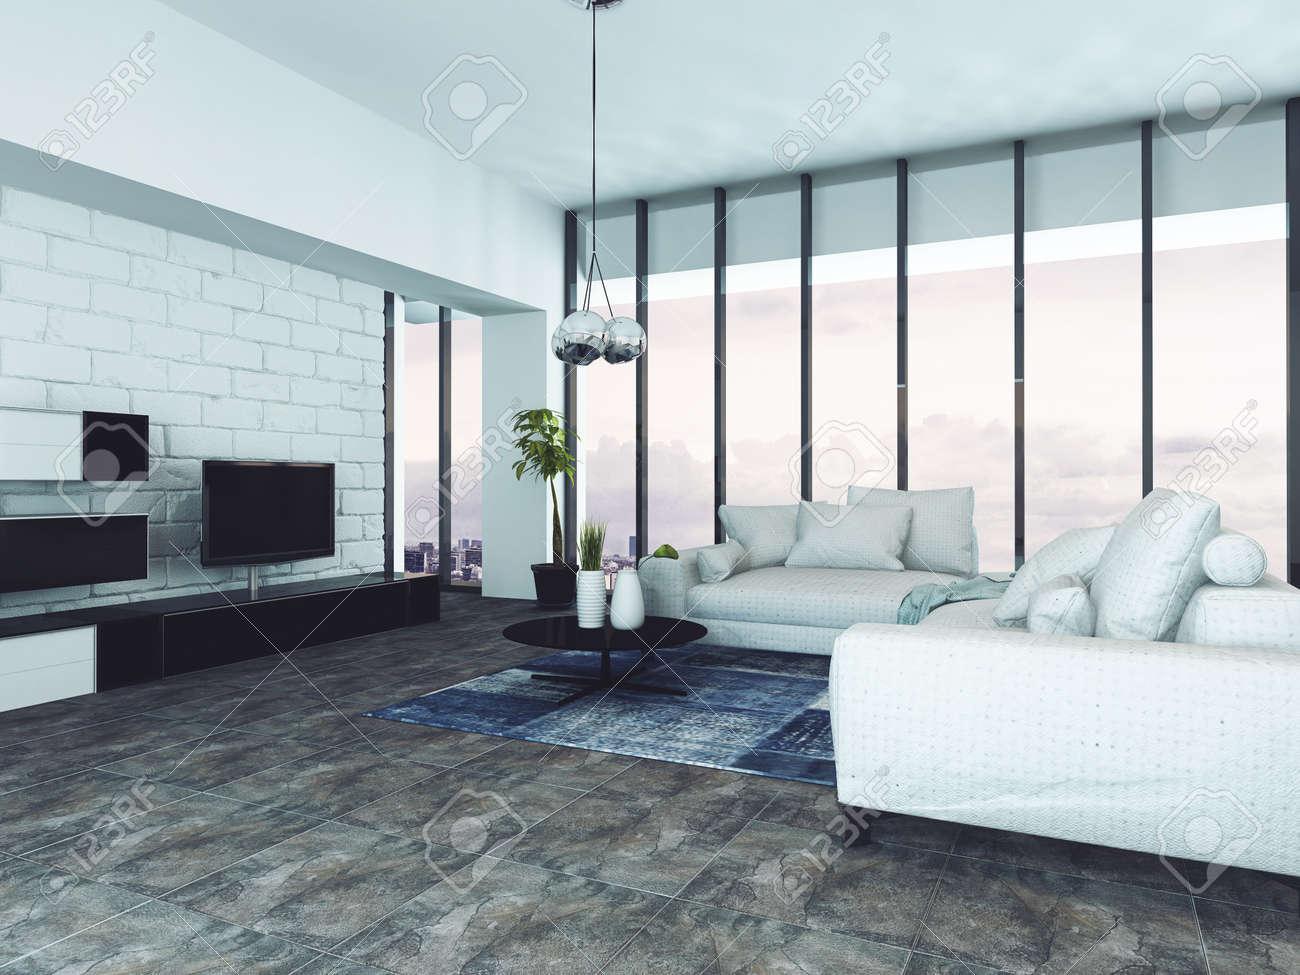 Geräumige Moderne Wohnzimmer Mit Weißen Sofas Und Boden Bis Zur ...